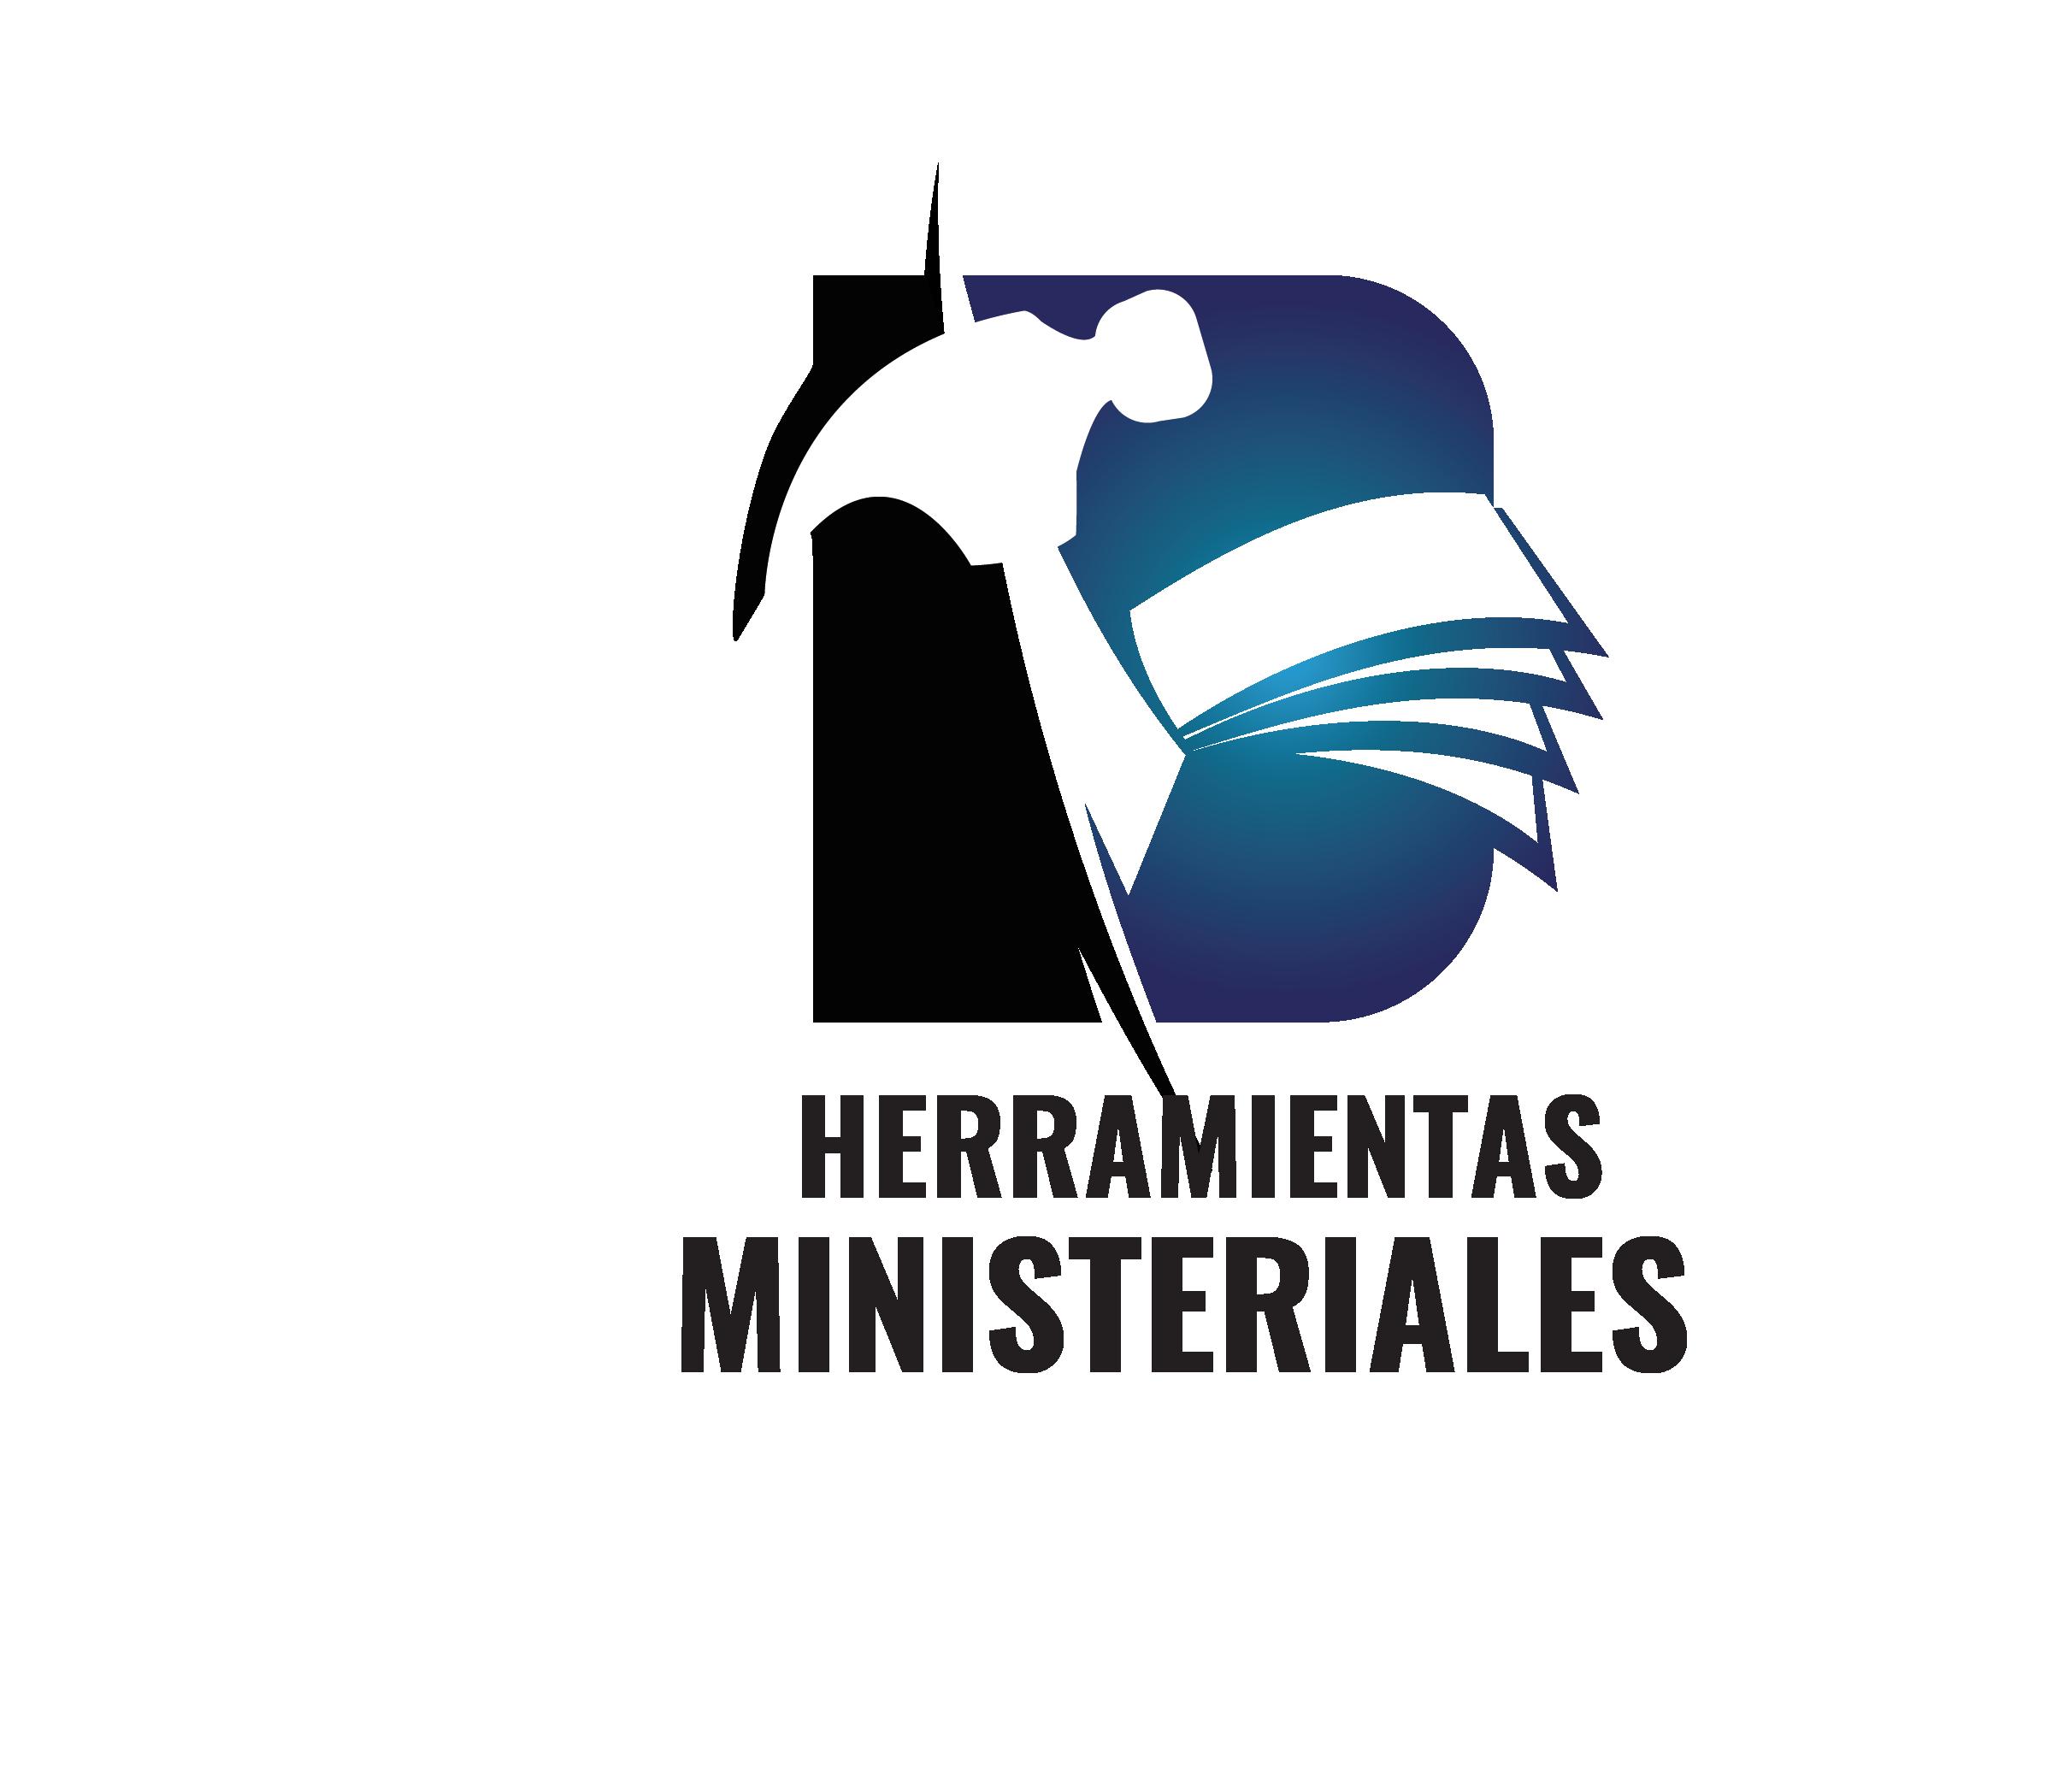 Herramientas_Ministeriales_Logo